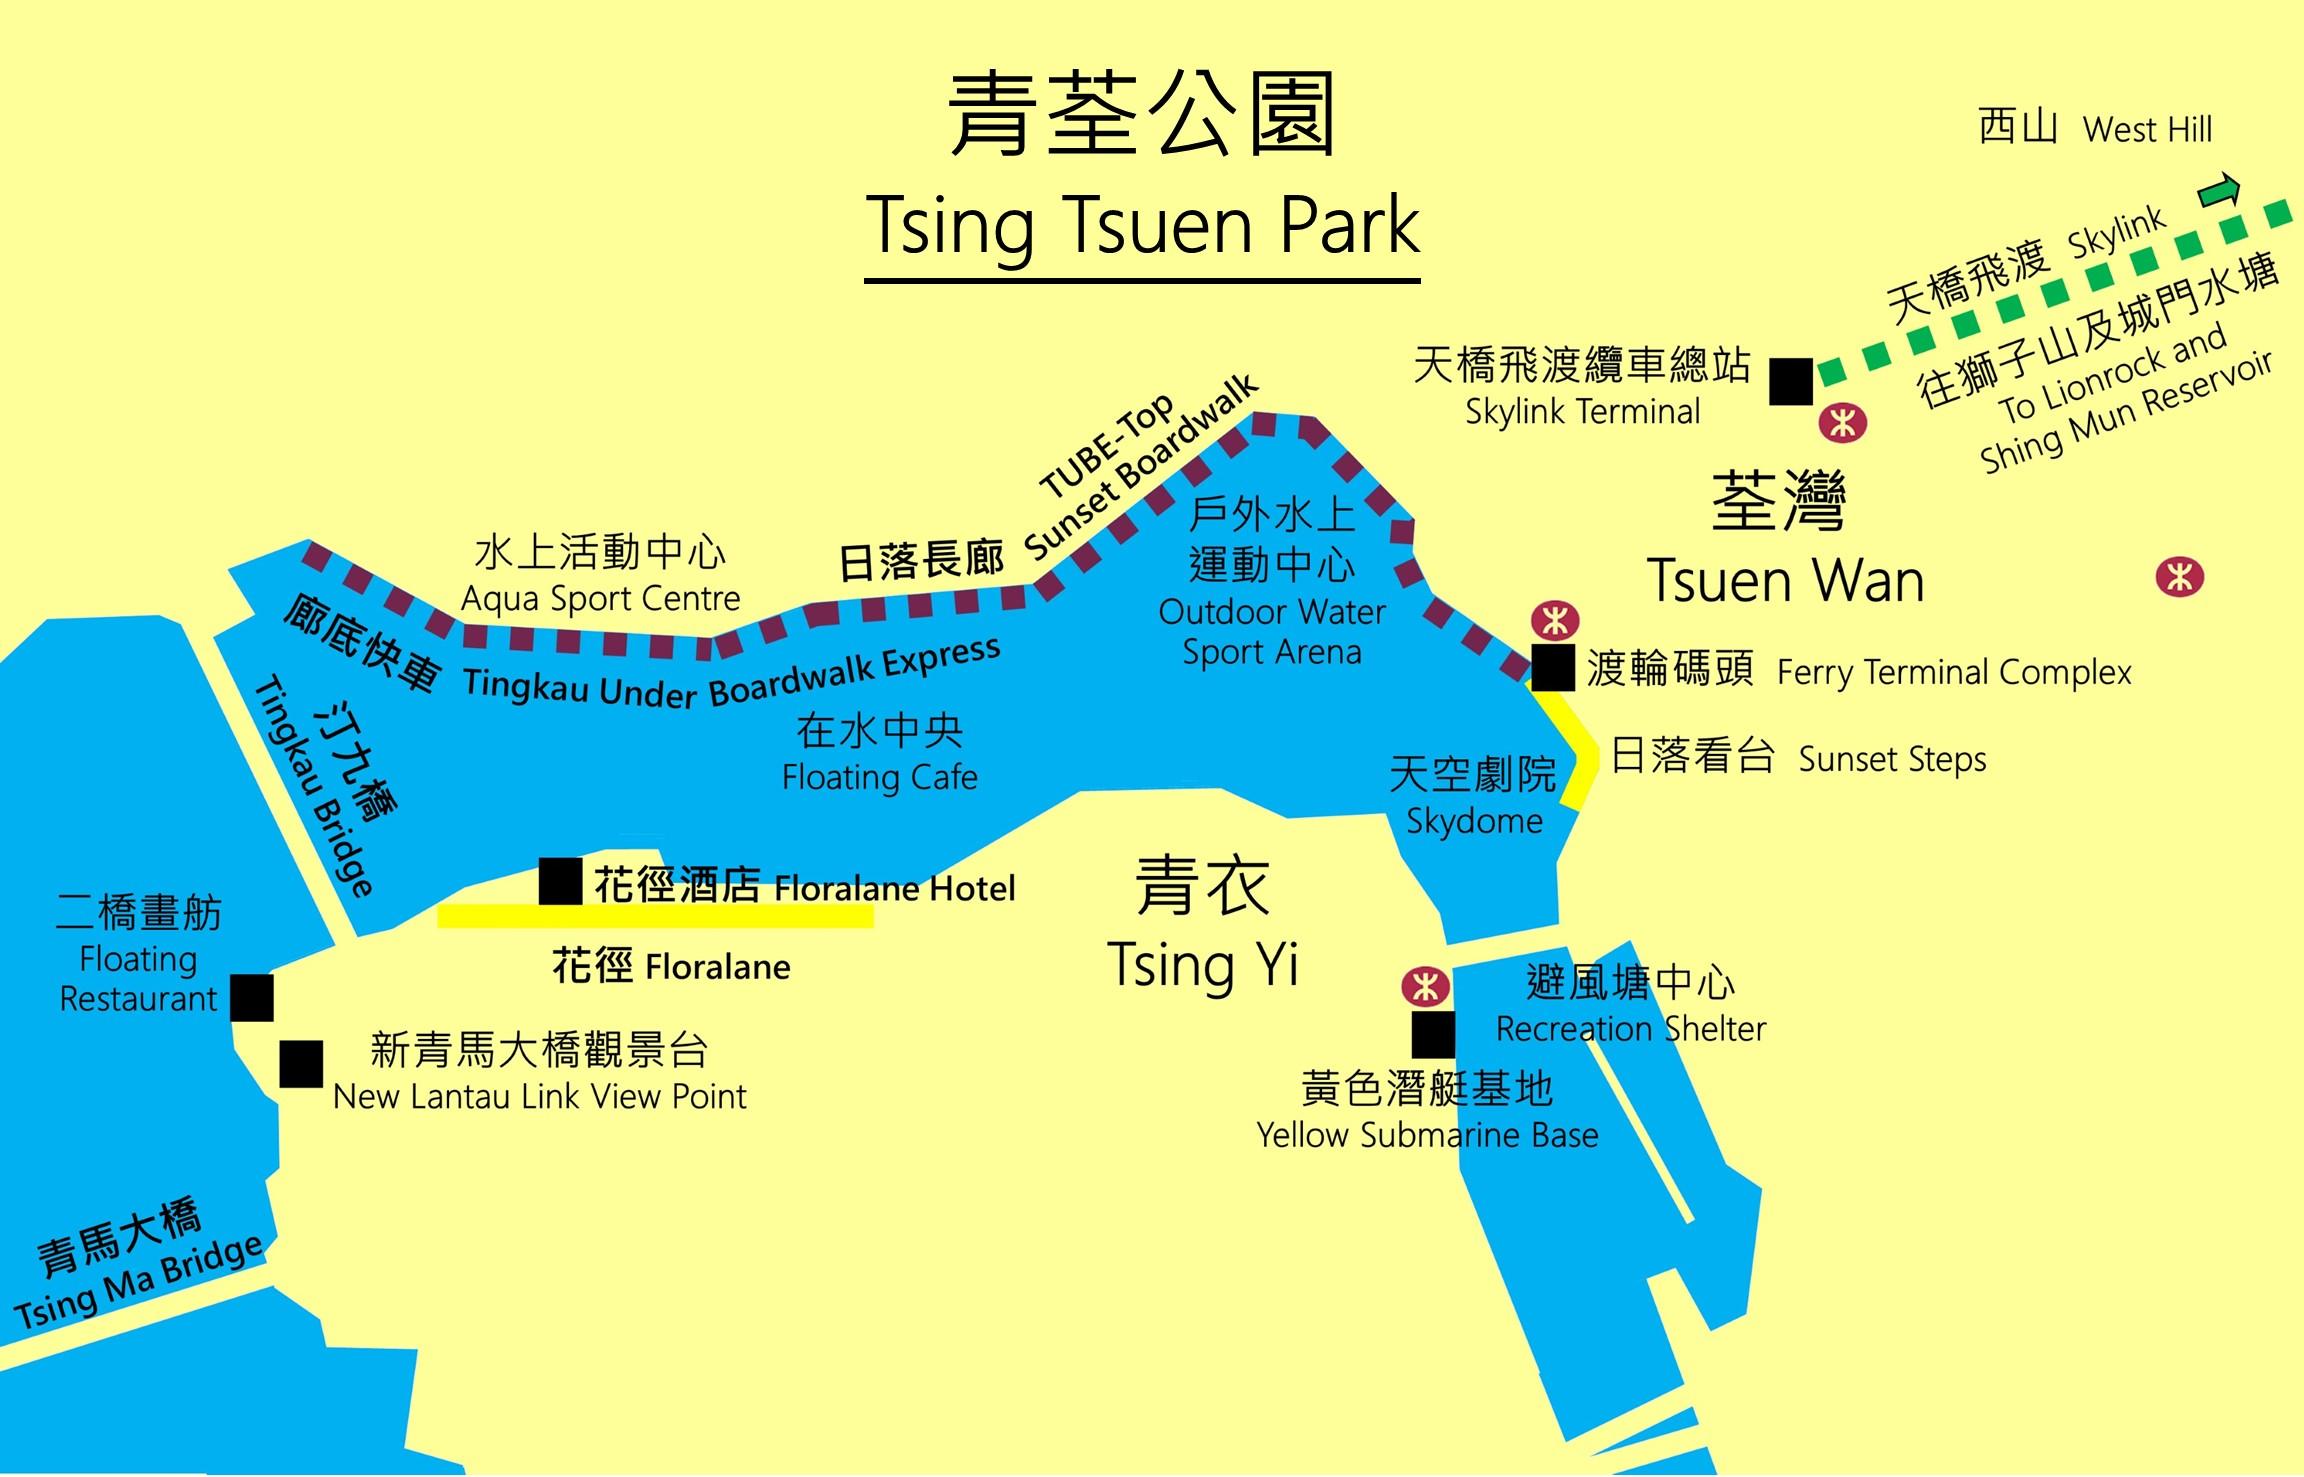 20201225 Tsing Tsuen Park